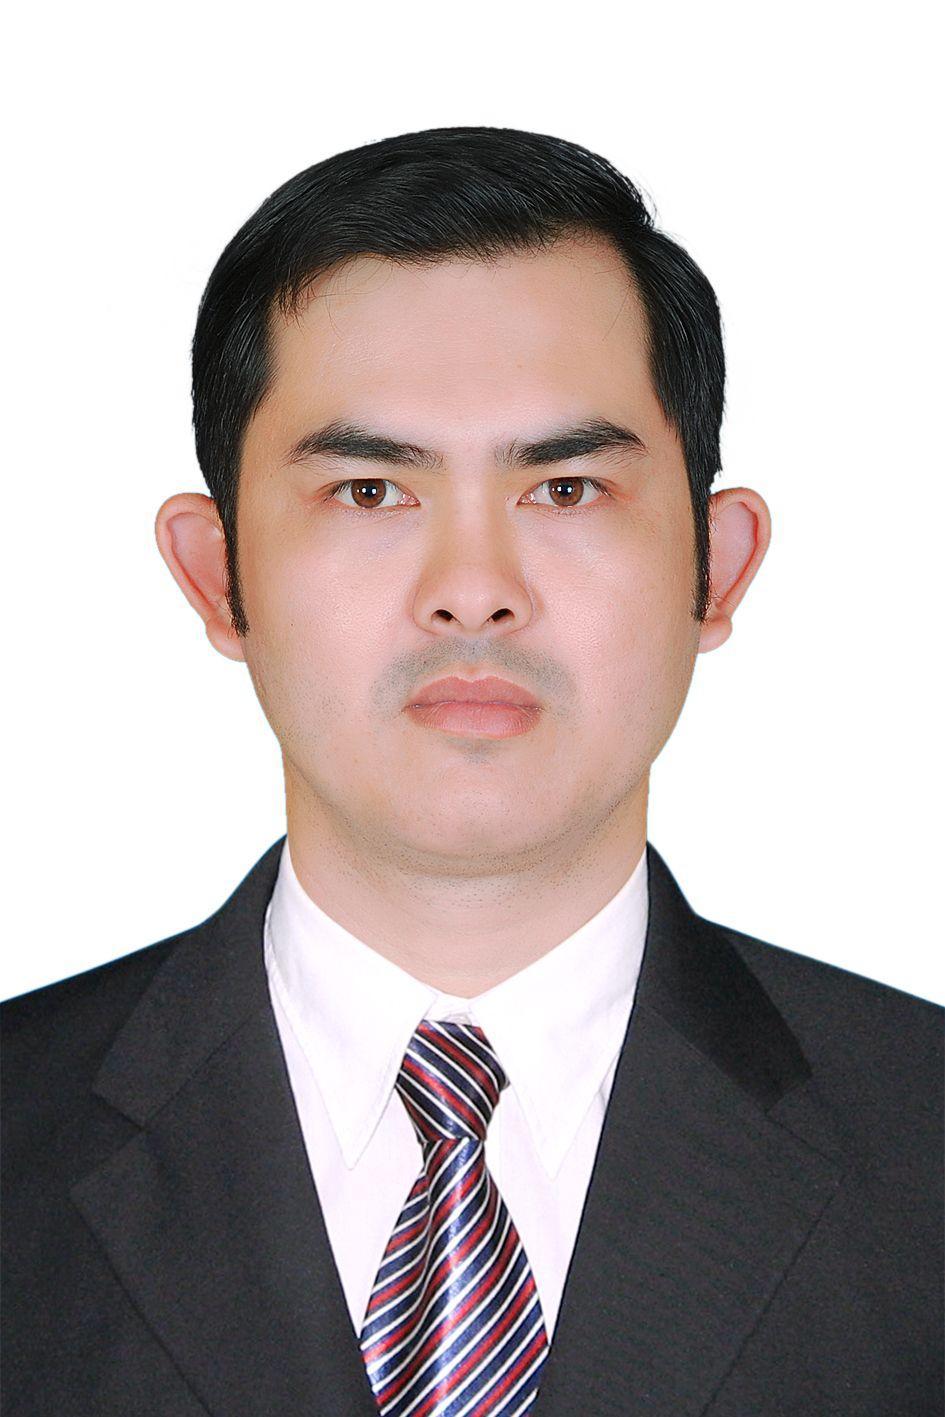 Nguyen Kien, Cuong, un boursier Vietnamien explique sa contribution à son pays